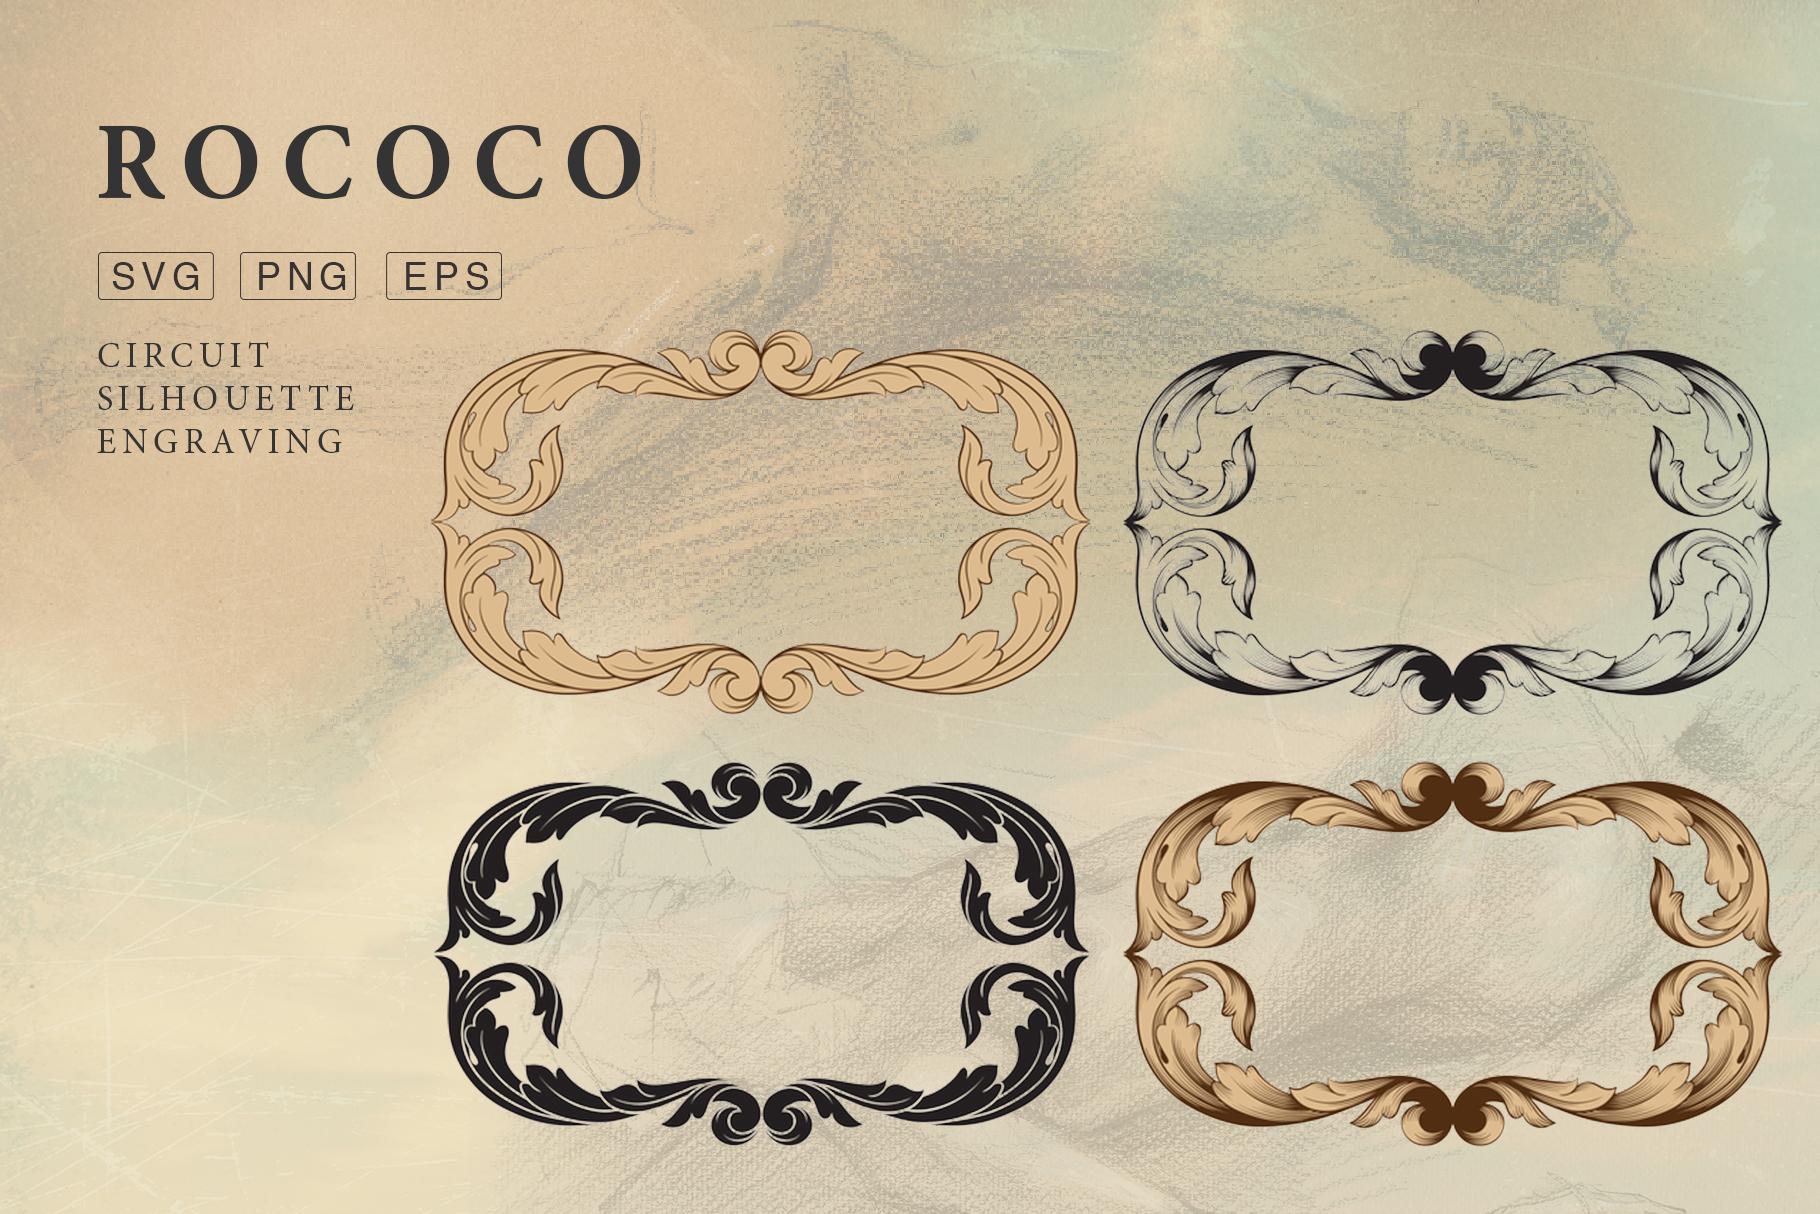 Rococo Romance Ornament page decor example image 12